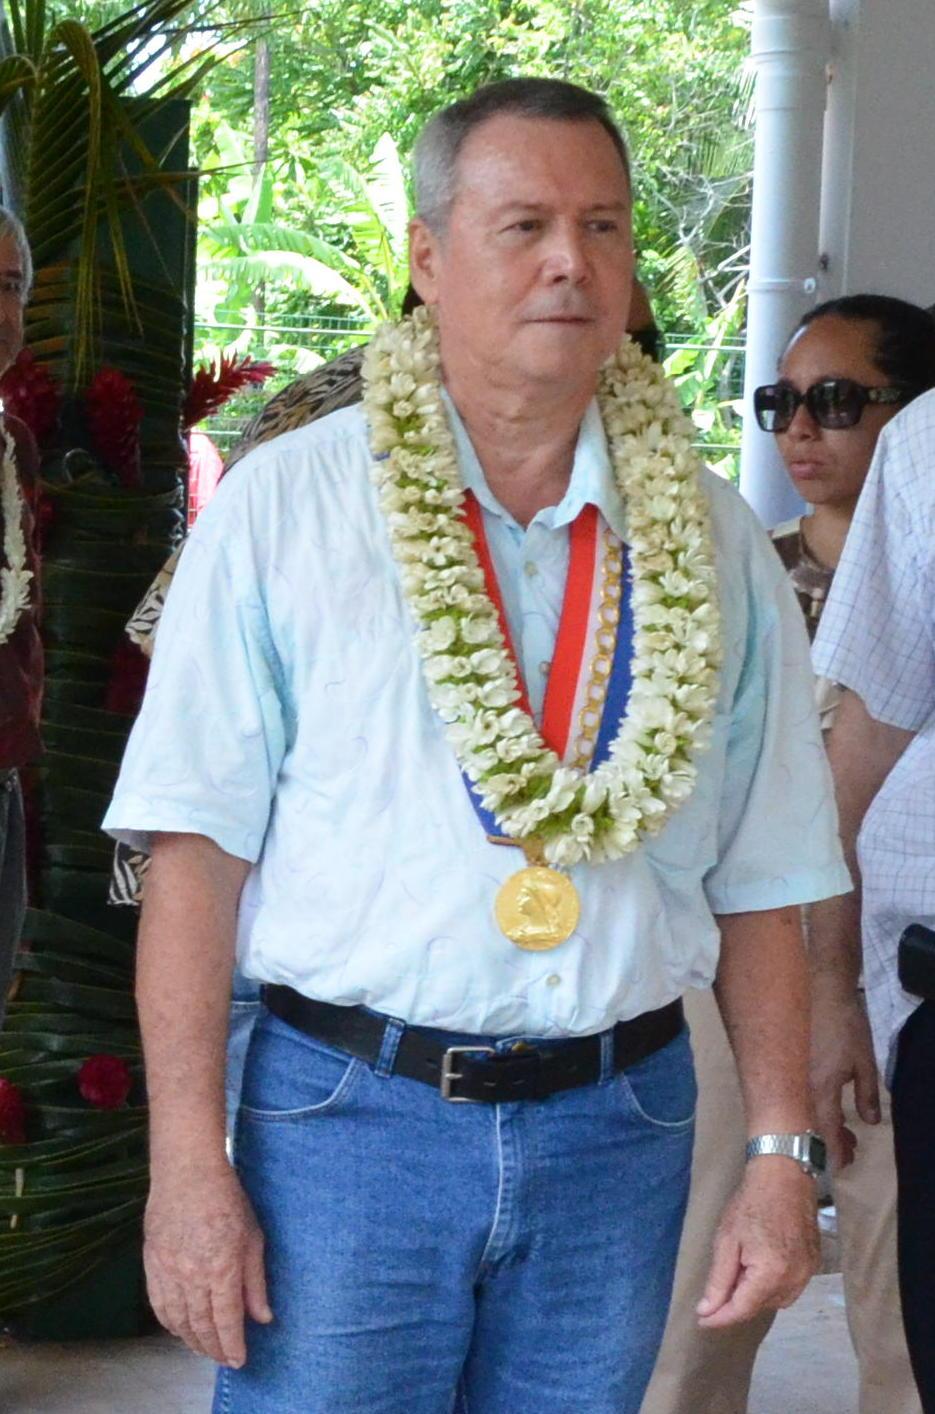 Nombreux hommages après la disparition de Rony Tumahai